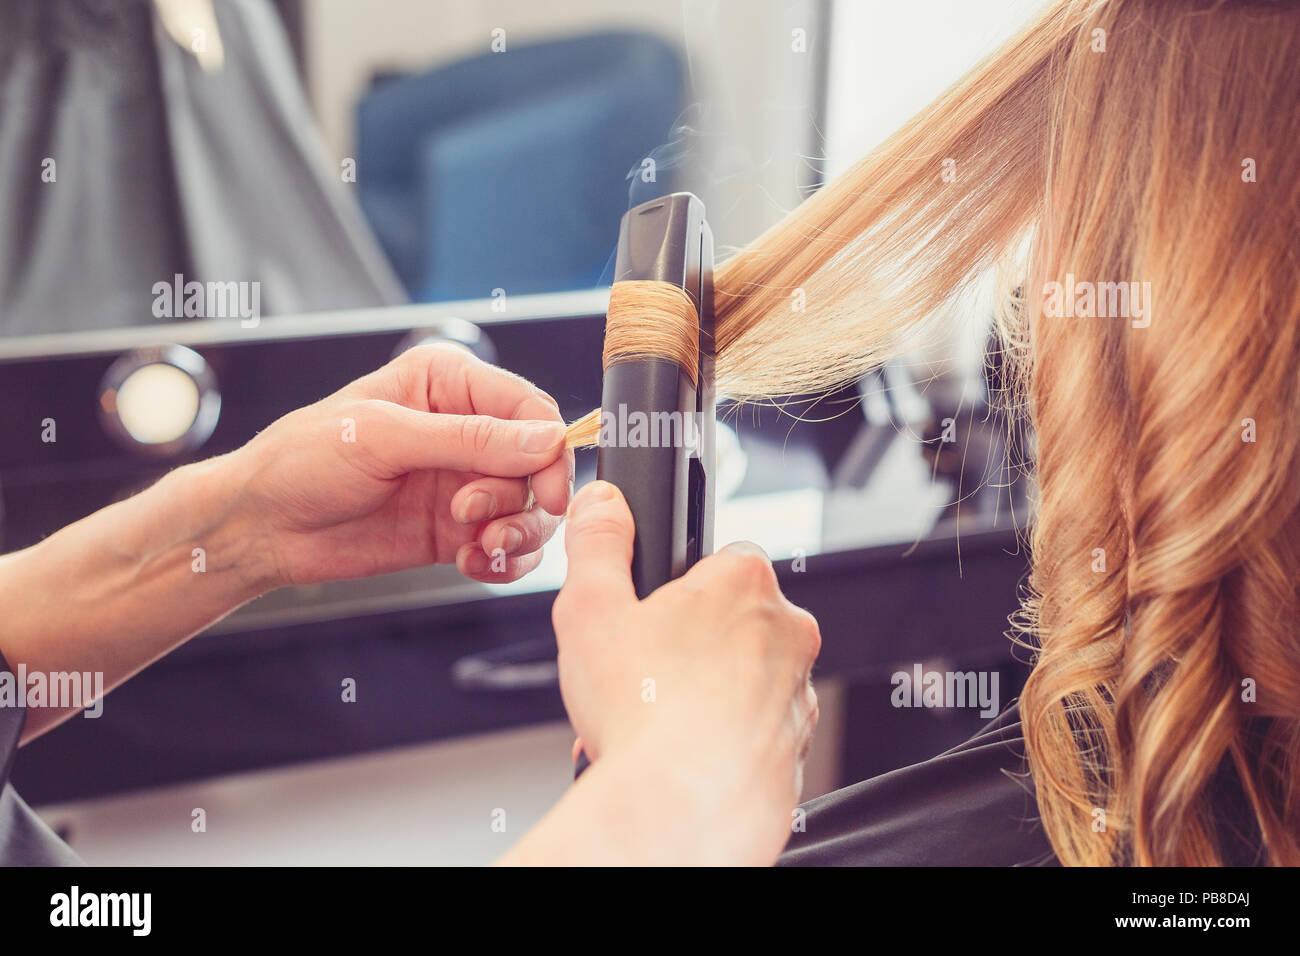 Coiffure coiffure pour un client avec un fer à friser en instituts de beauté Photo Stock